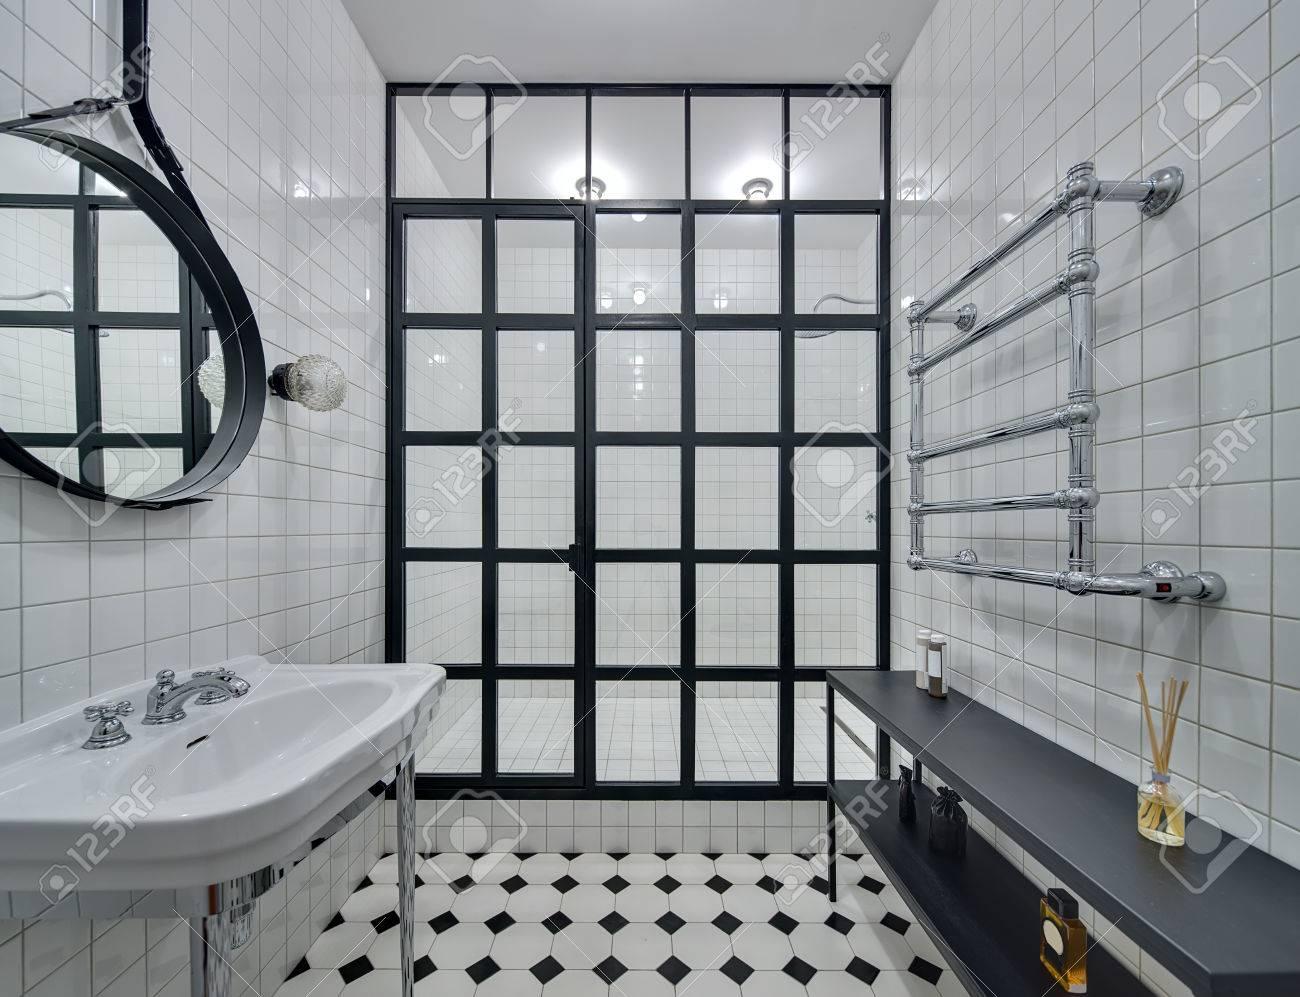 perfect awesome cuarto de bao con paredes de azulejos blancos hay lavabo blanco negro espejo with azulejos ducha with azulejos cuarto de bao with pintar - Racholas De Bao